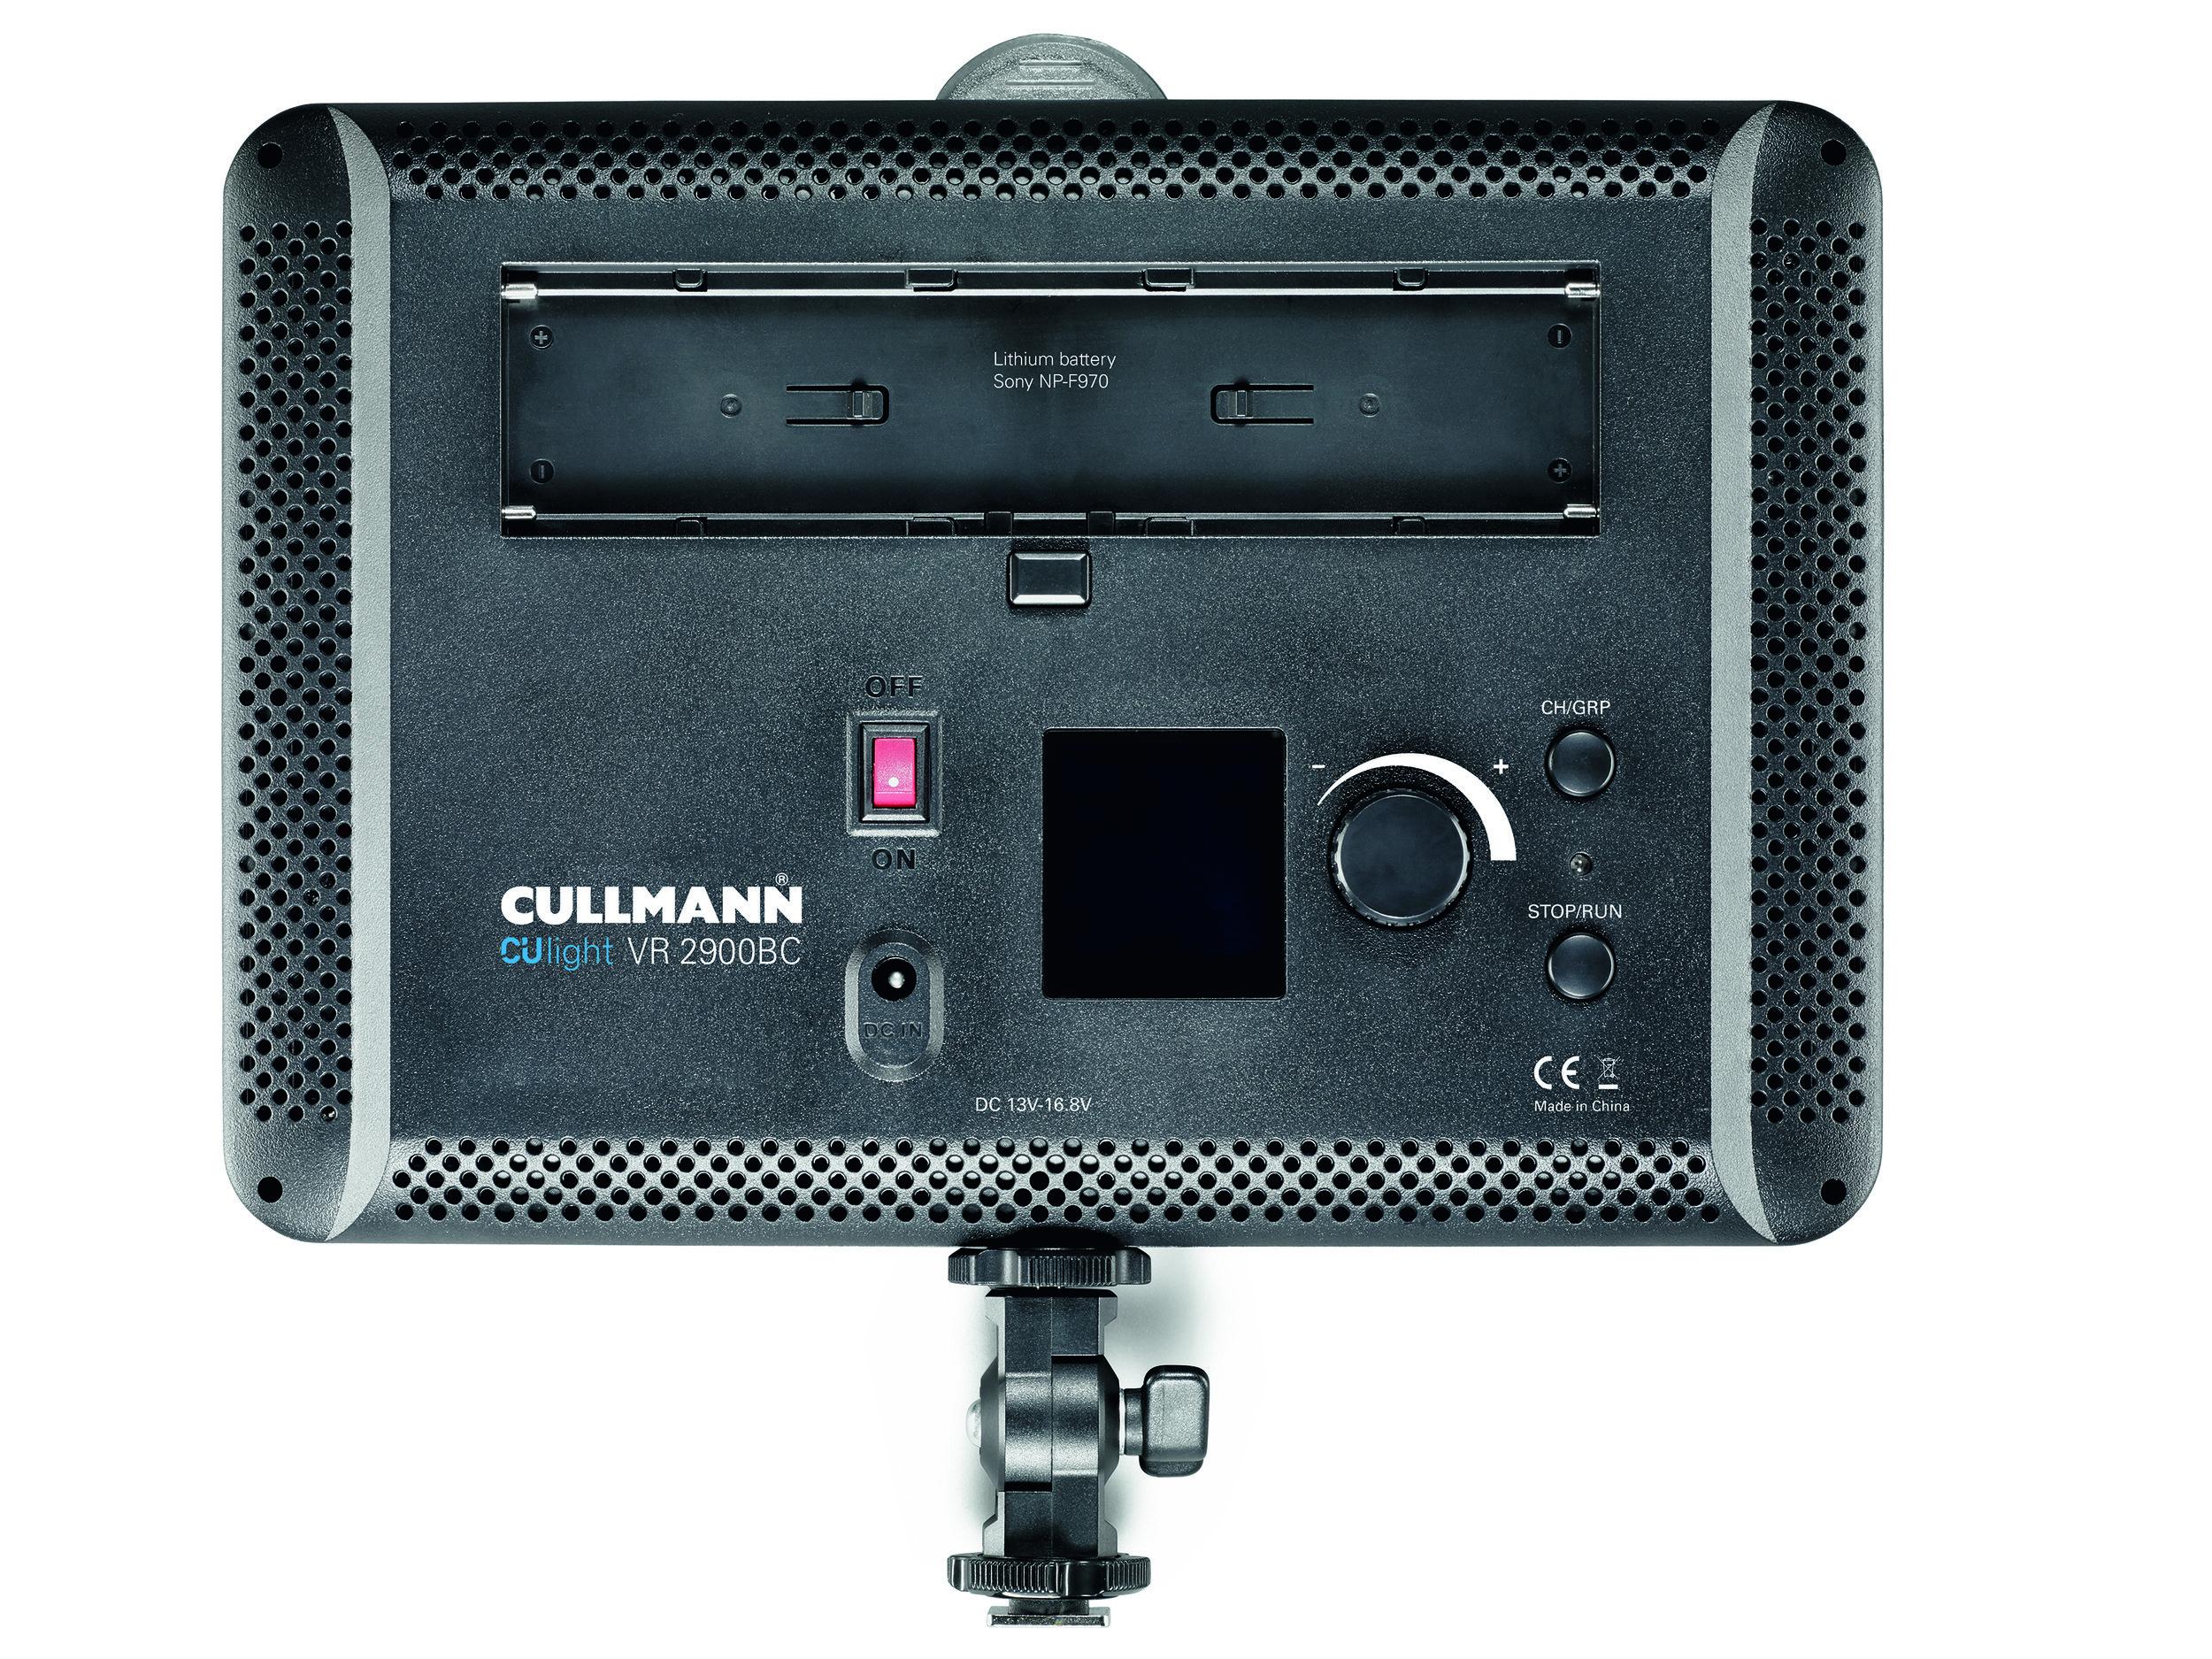 CULLMANN_61671_CUlight_VR_2900BC_D09_Print.jpg